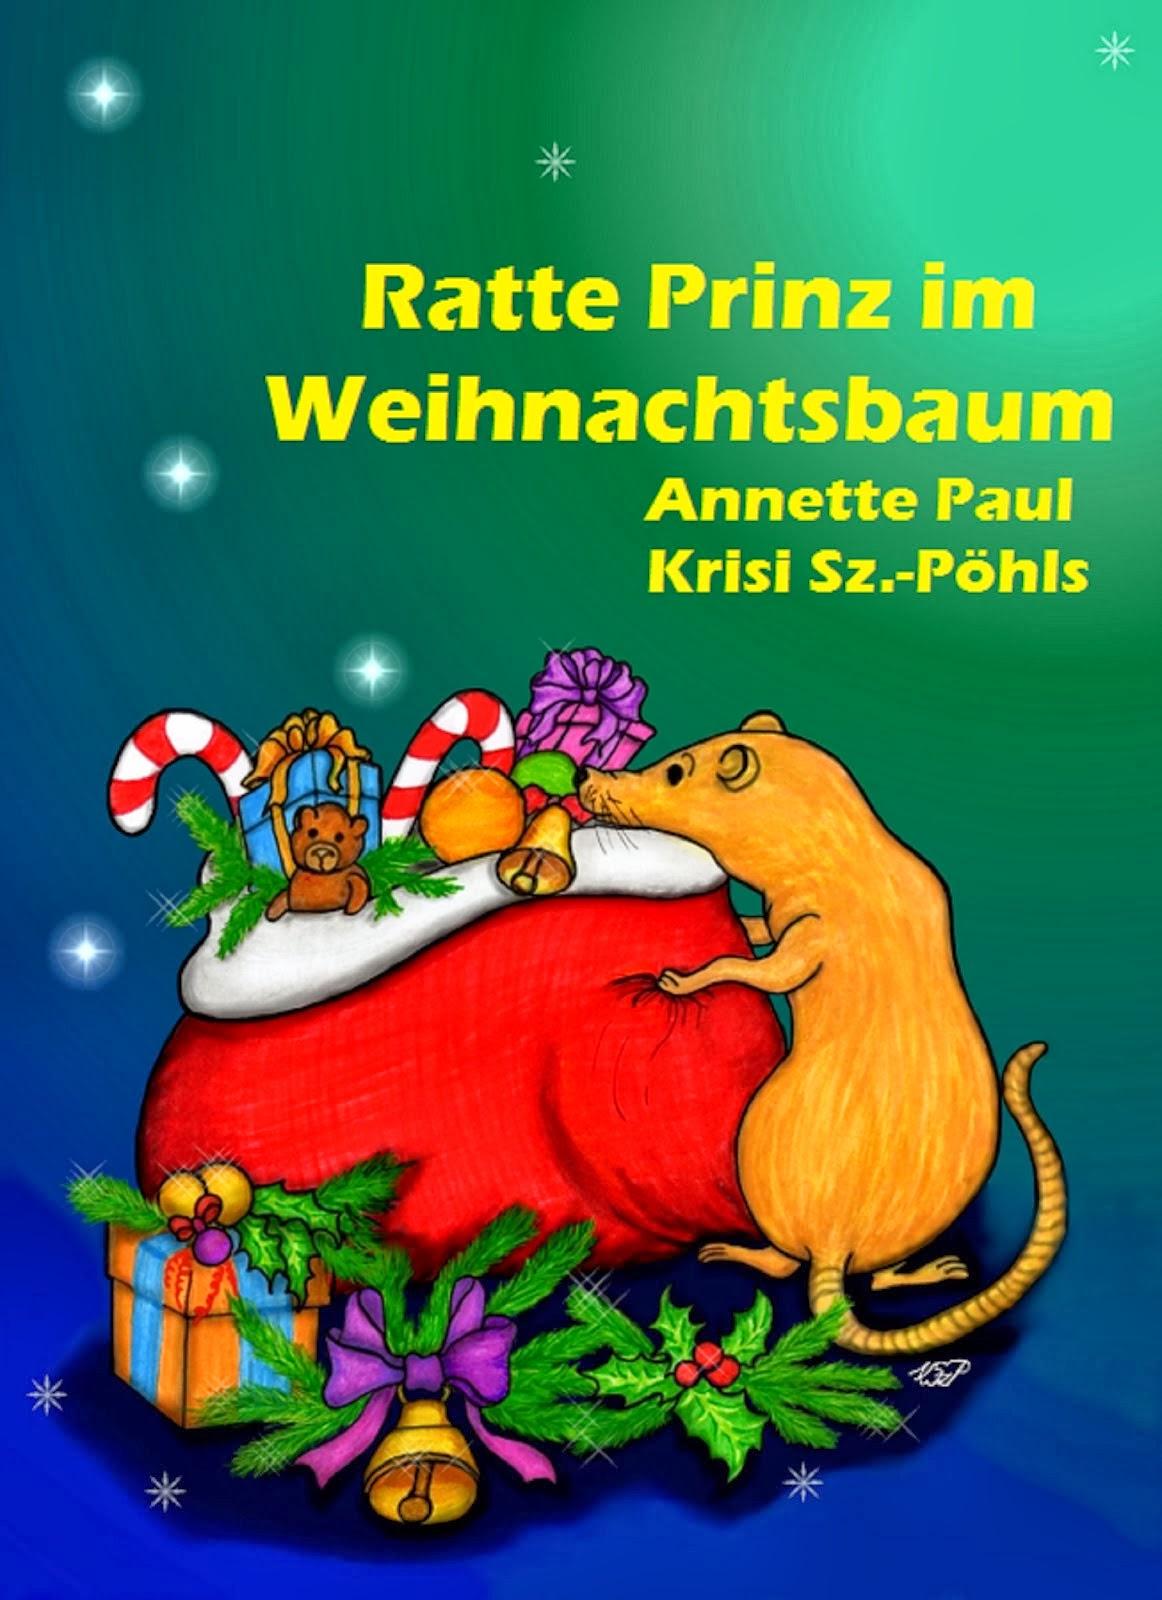 Weihnachten mit Ratte